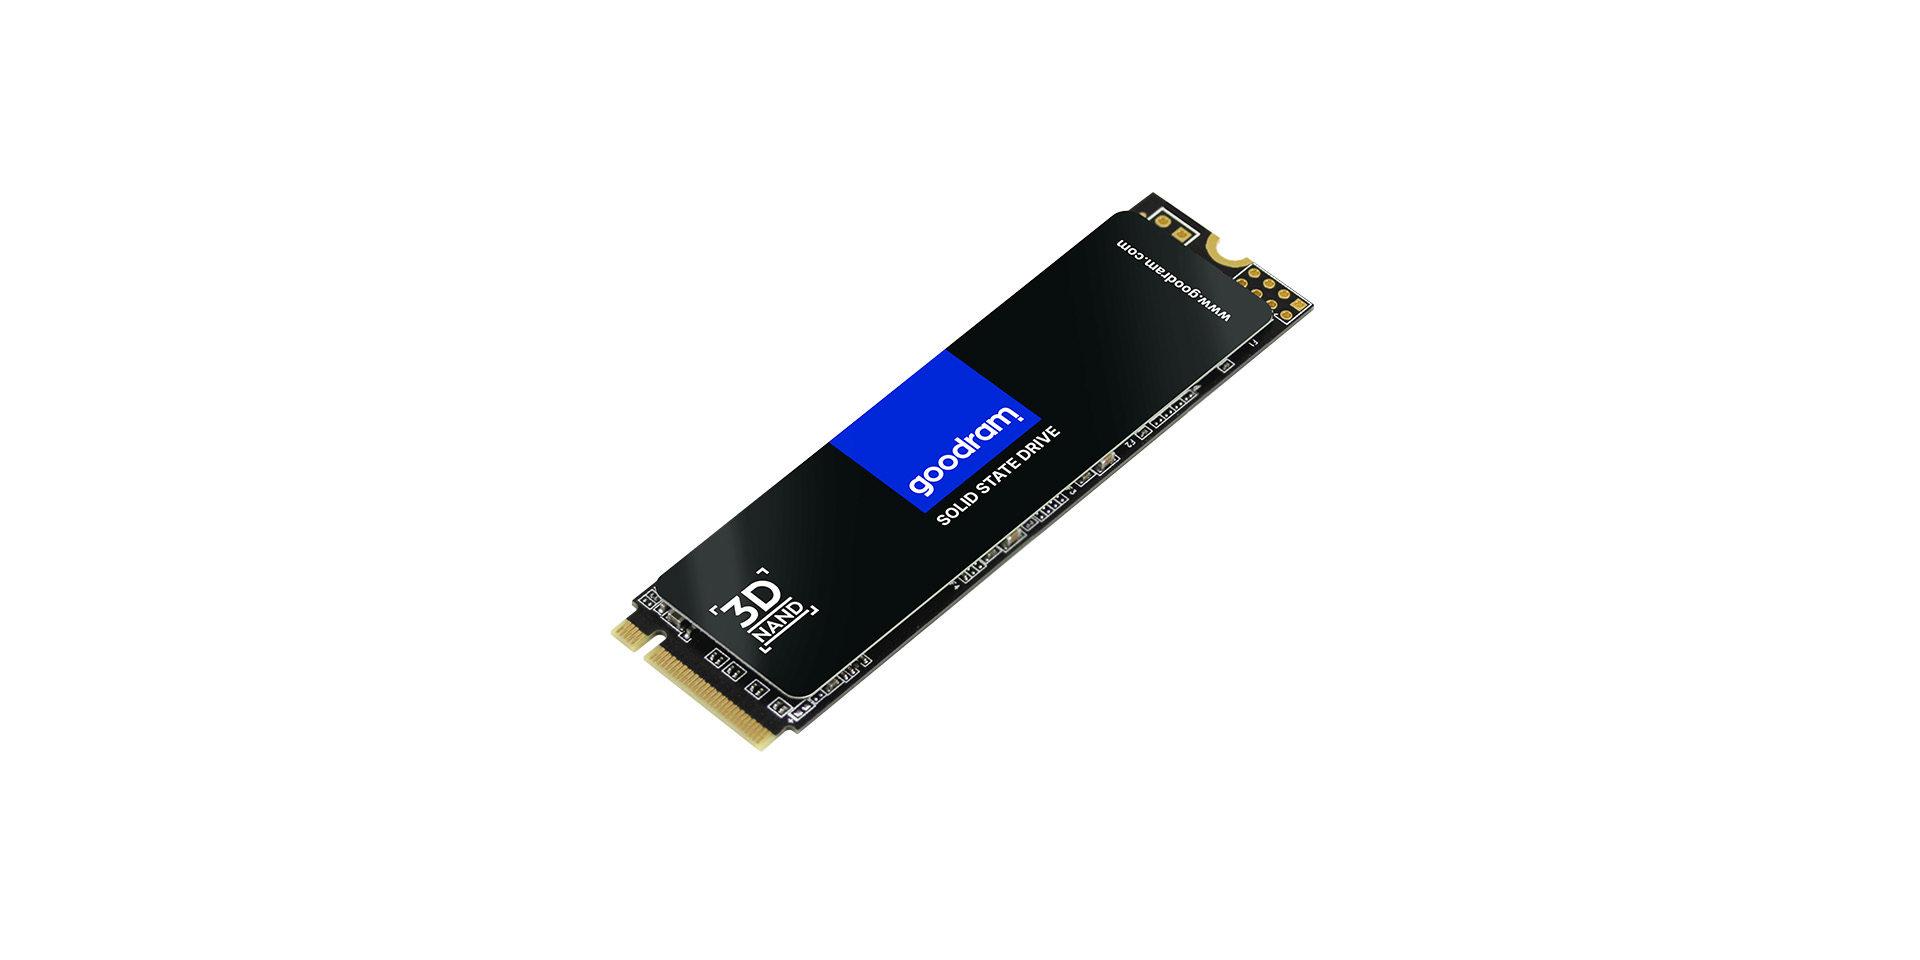 Goodram PX500 SSD, PCIe 3x4, 256 GB, M.2 2280, NVMe, RETAIL